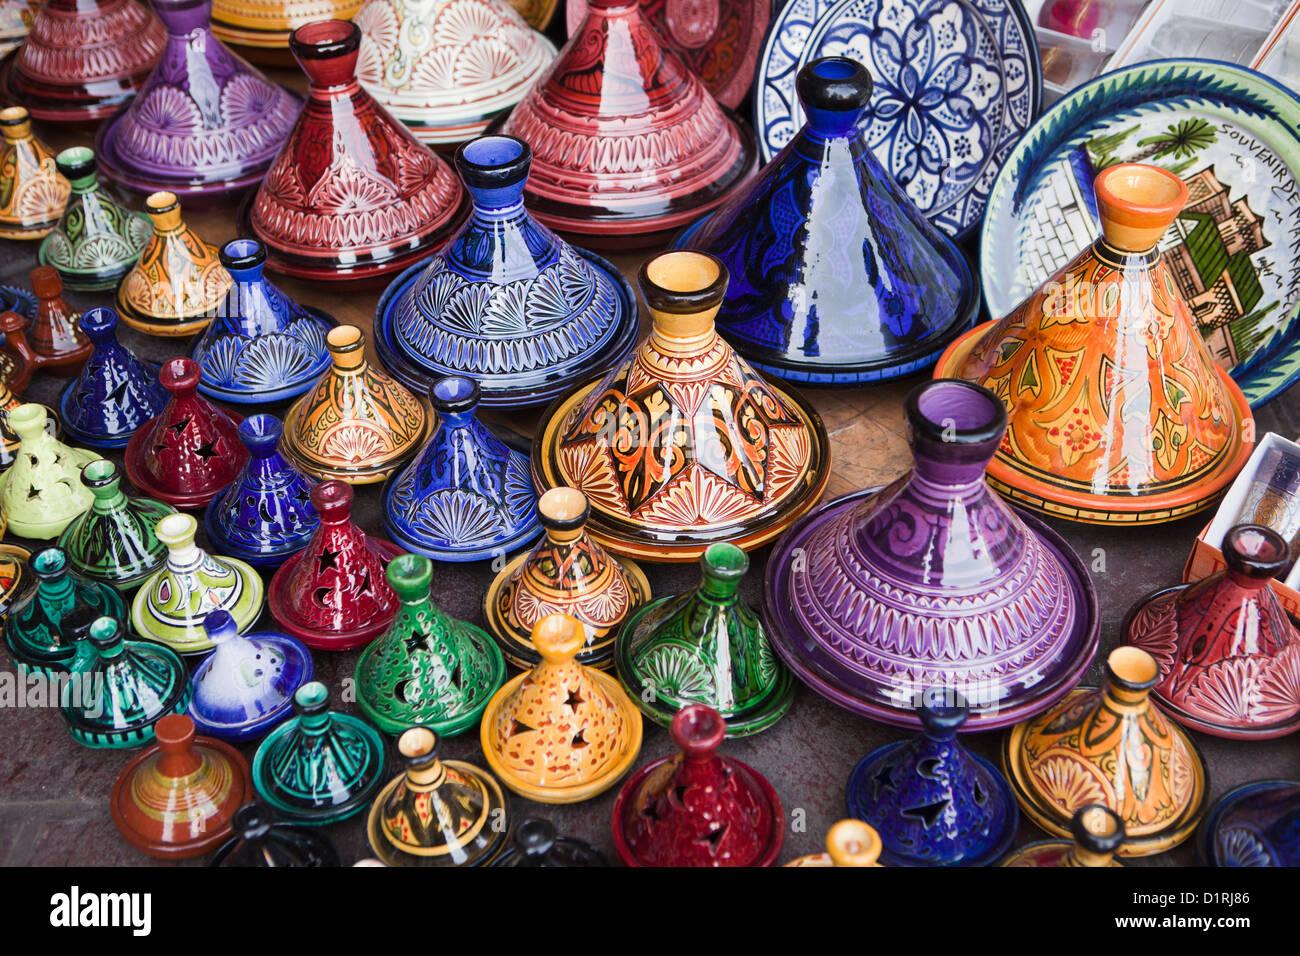 Il Marocco Marrakech, Mercato. Tajine in ceramica per la vendita. Immagini Stock